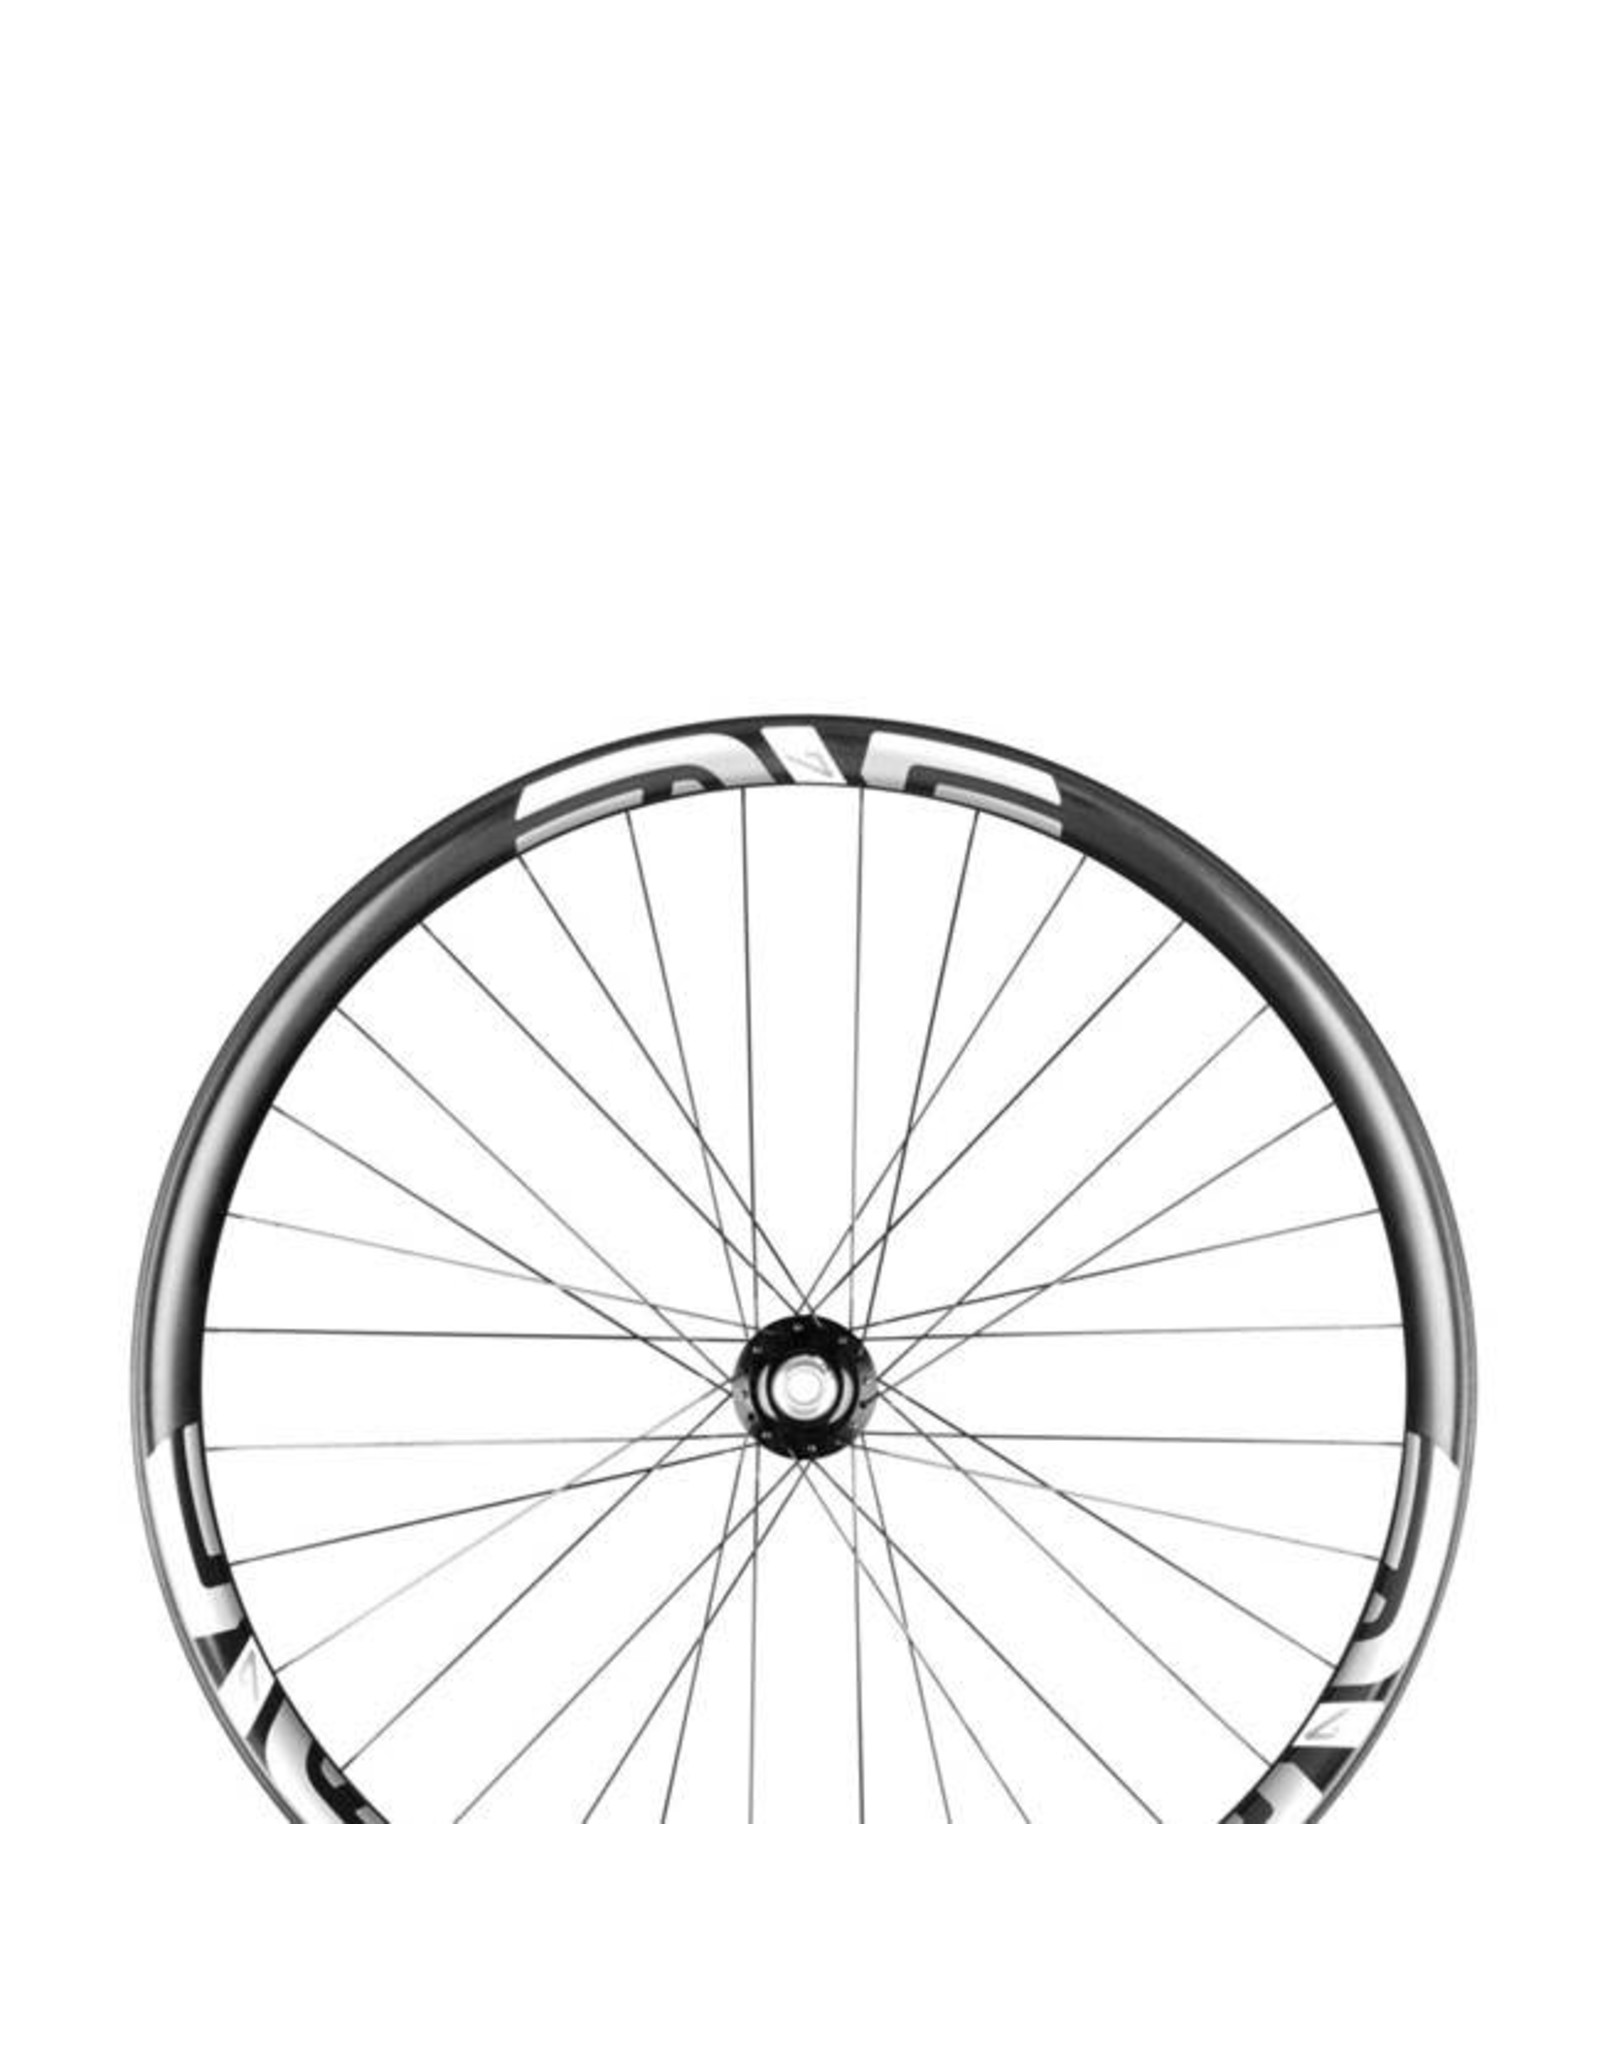 """ENVE Composites ENVE M735 29"""" Wheelset 15 x 110, 12 x 148mm Boost, DT-Swiss Centerlock, Shimano"""